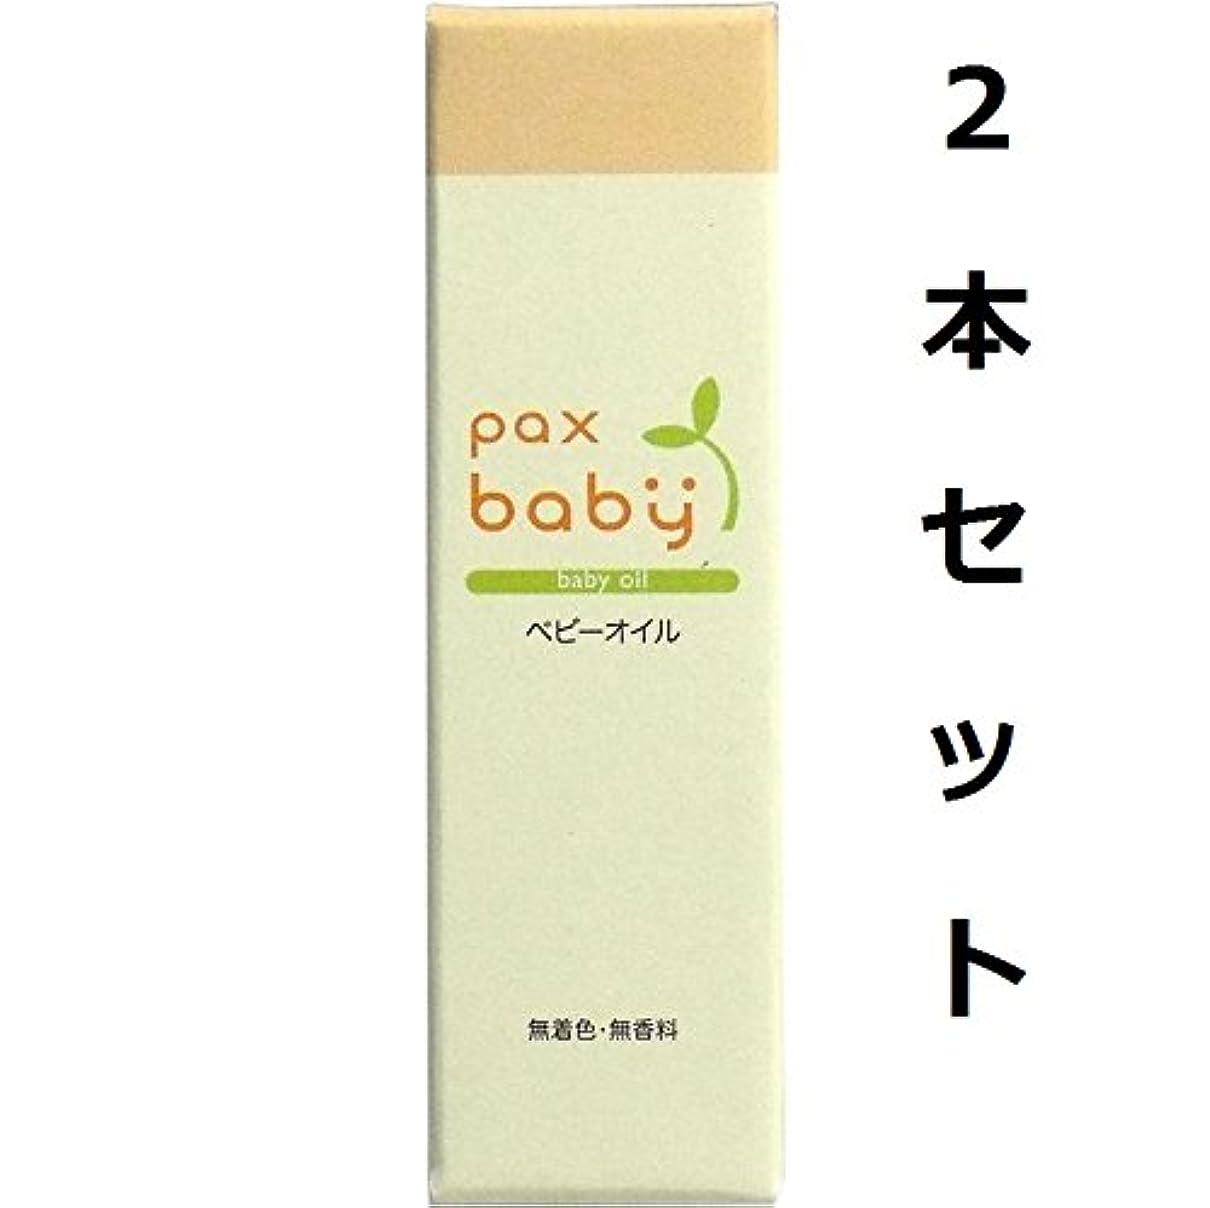 さらっとお肌になじみ、乾燥から守る植物性オイルです パックスベビー ベビーオイル 40mL 2本セット